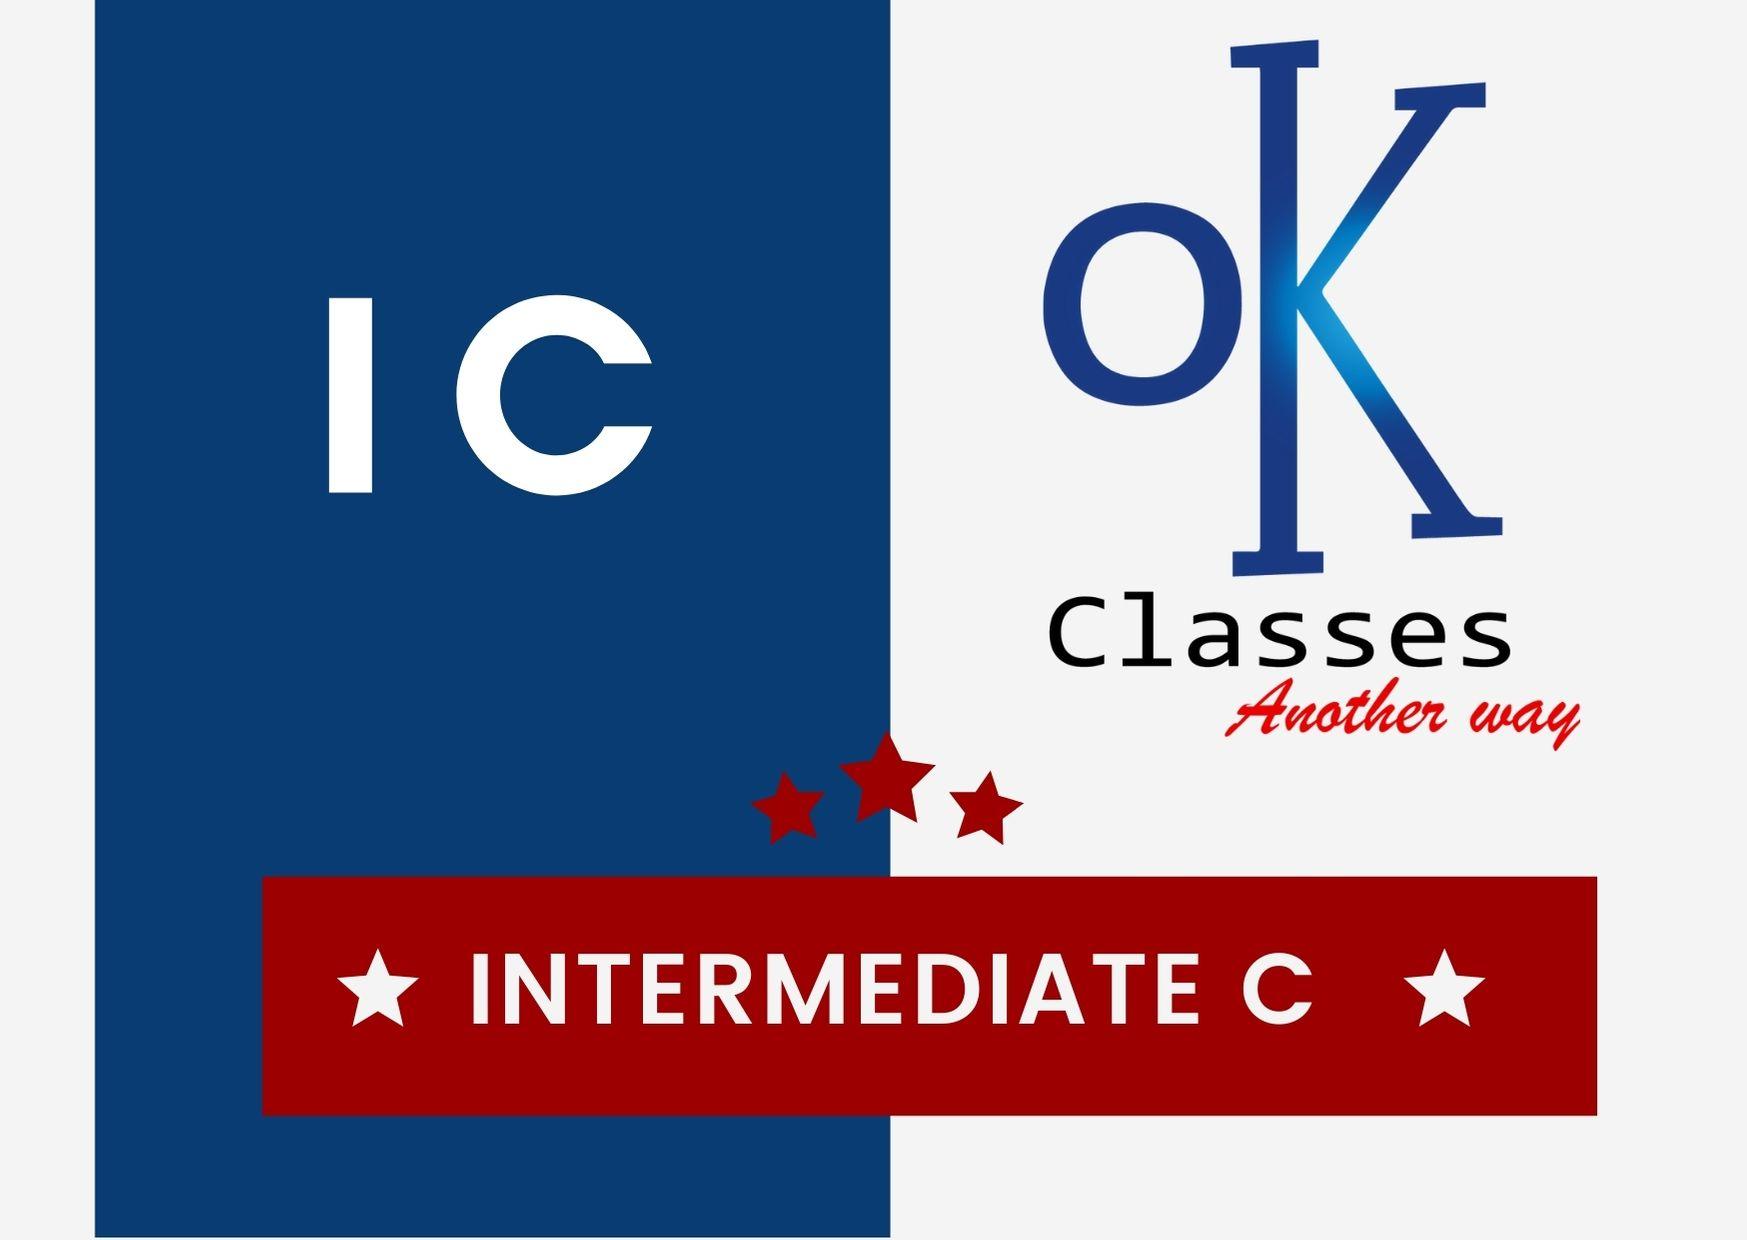 Ok Classes Intermediate C